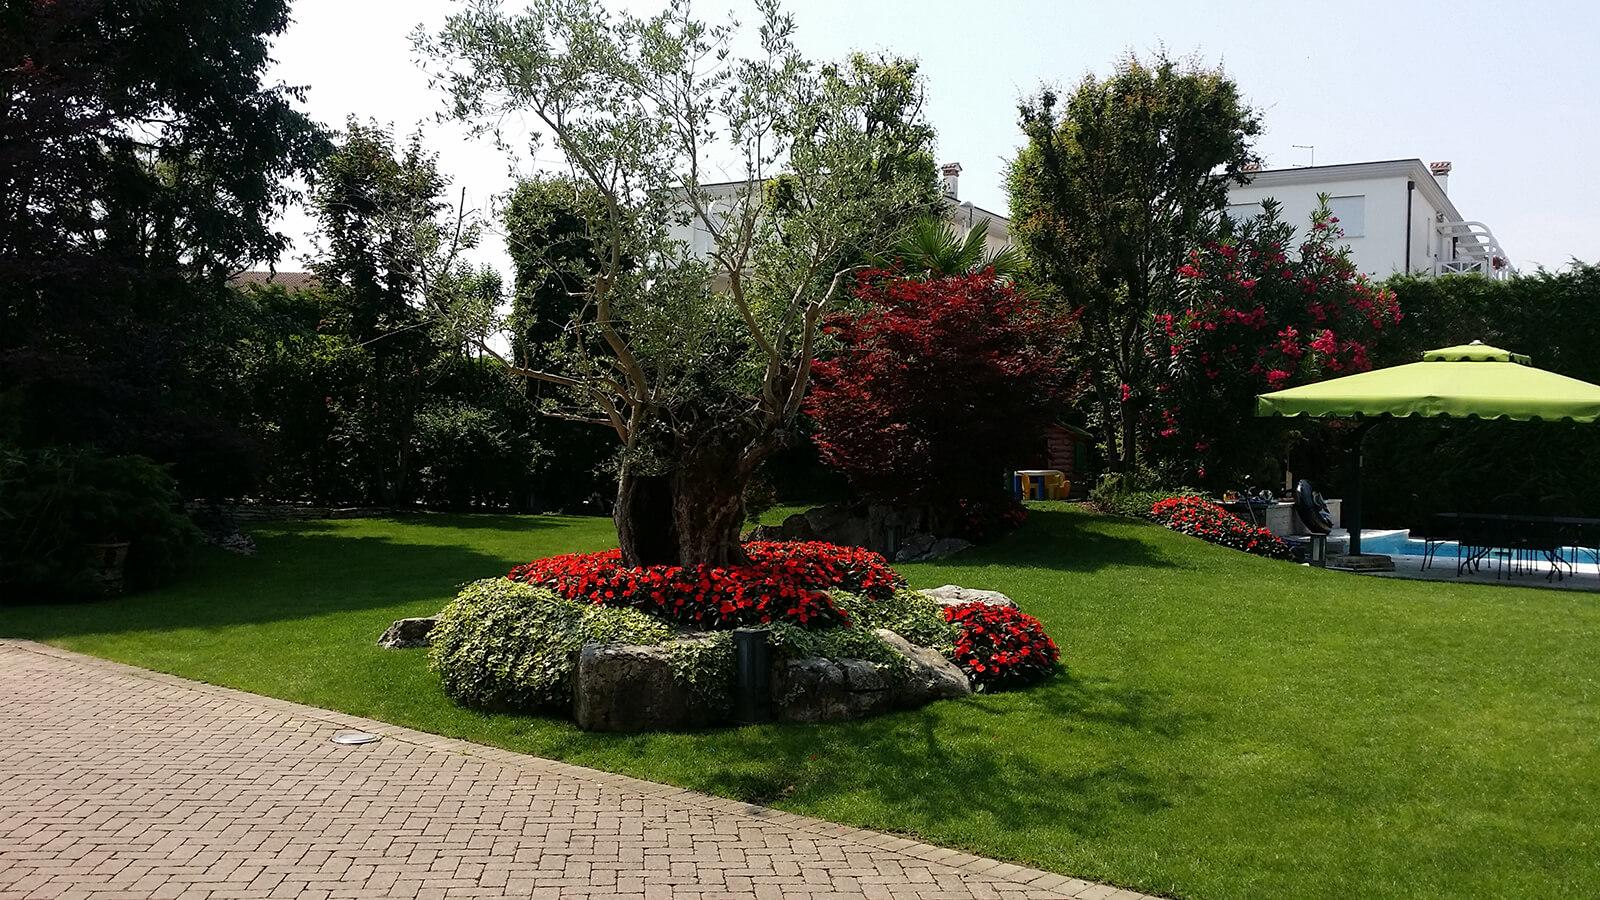 progettazione realizzazione giardini monticello conte otto - verde blu giardini 12